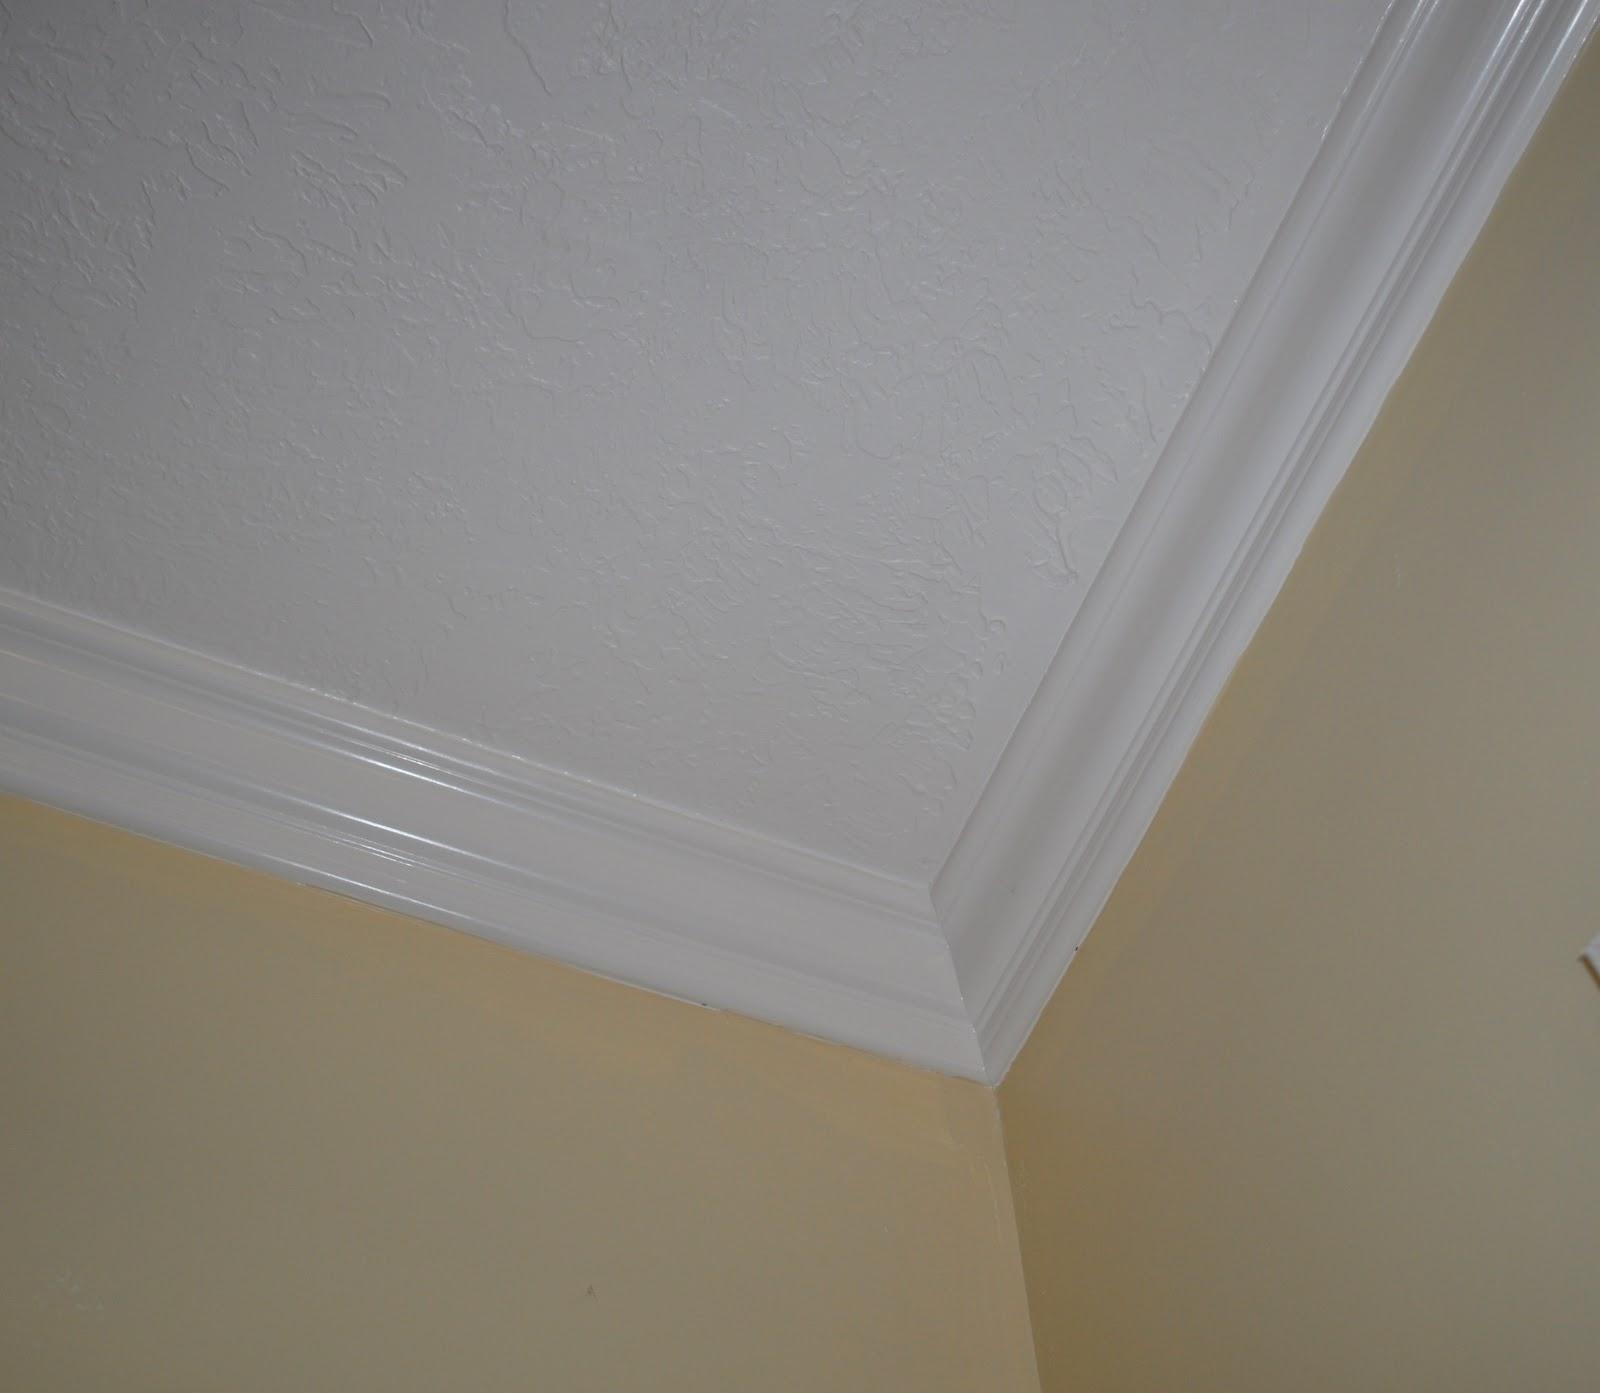 La Vie Quotidienne A Notch Up The Ceiling